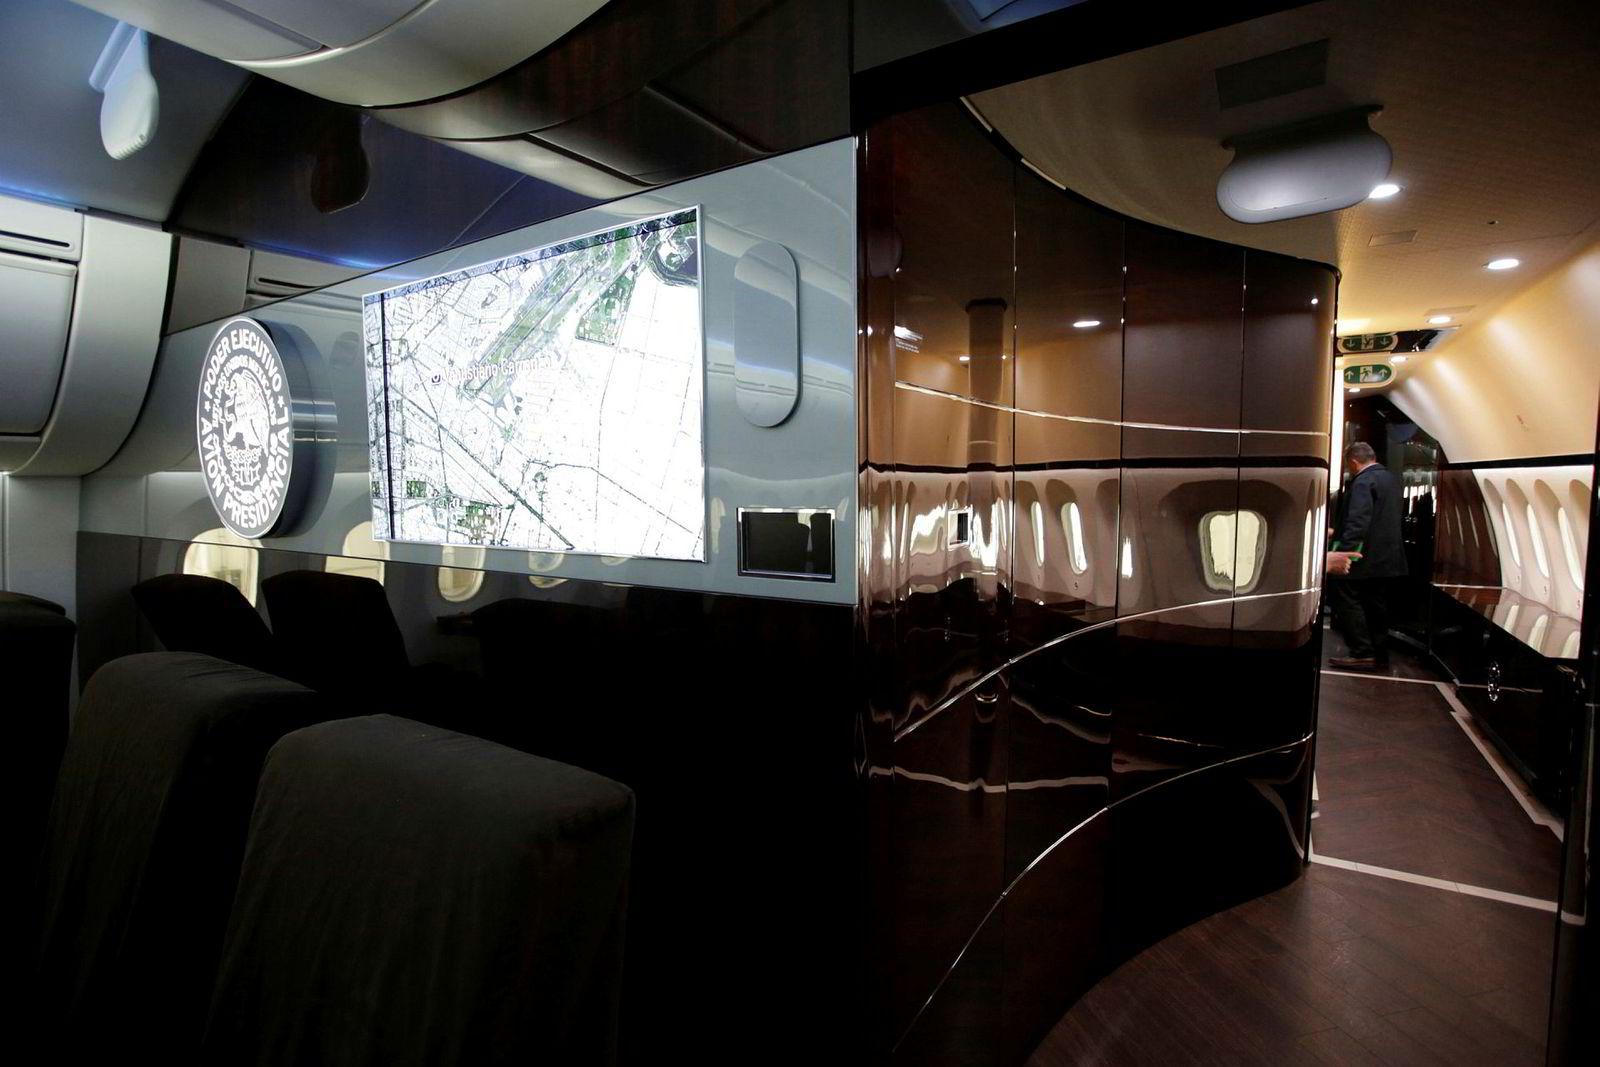 Deler av interiøret i Dreamlineren.